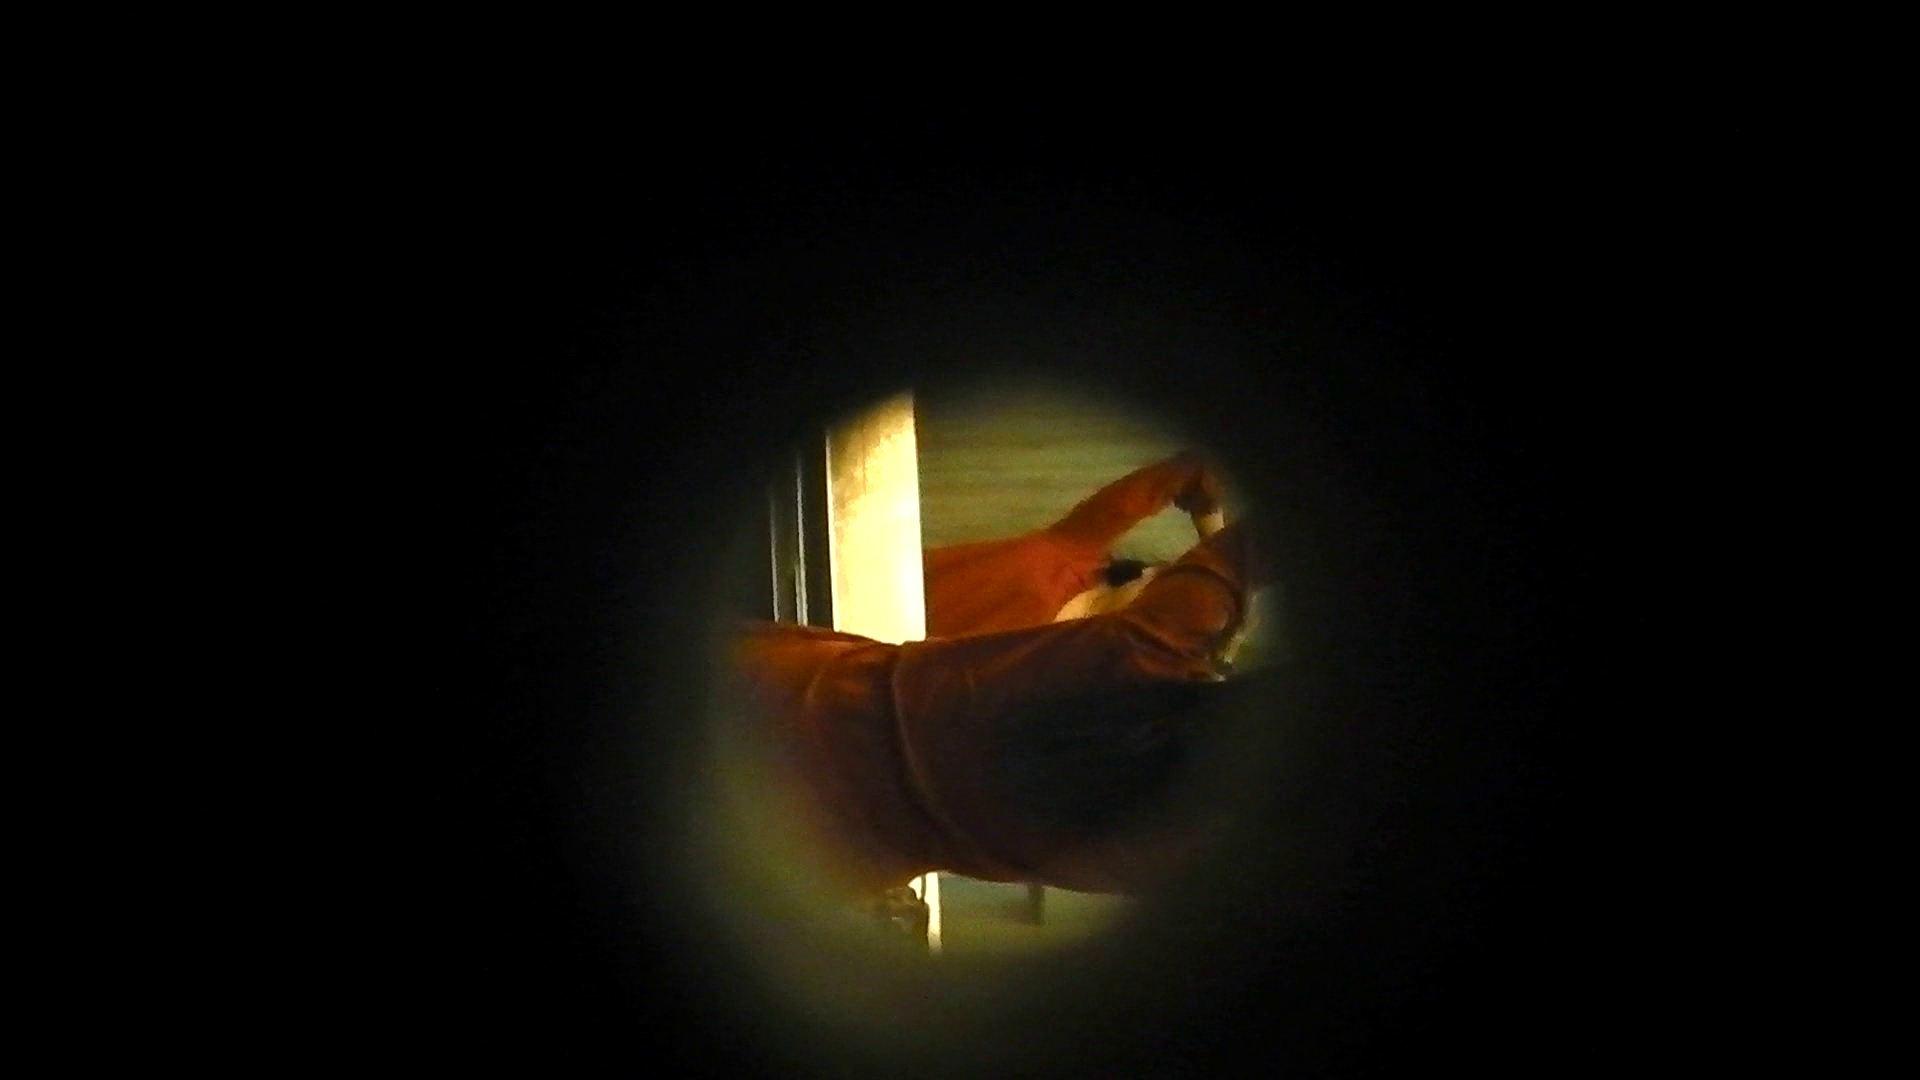 阿国ちゃんの「和式洋式七変化」No.12 盛合せ おまんこ無修正動画無料 99画像 75